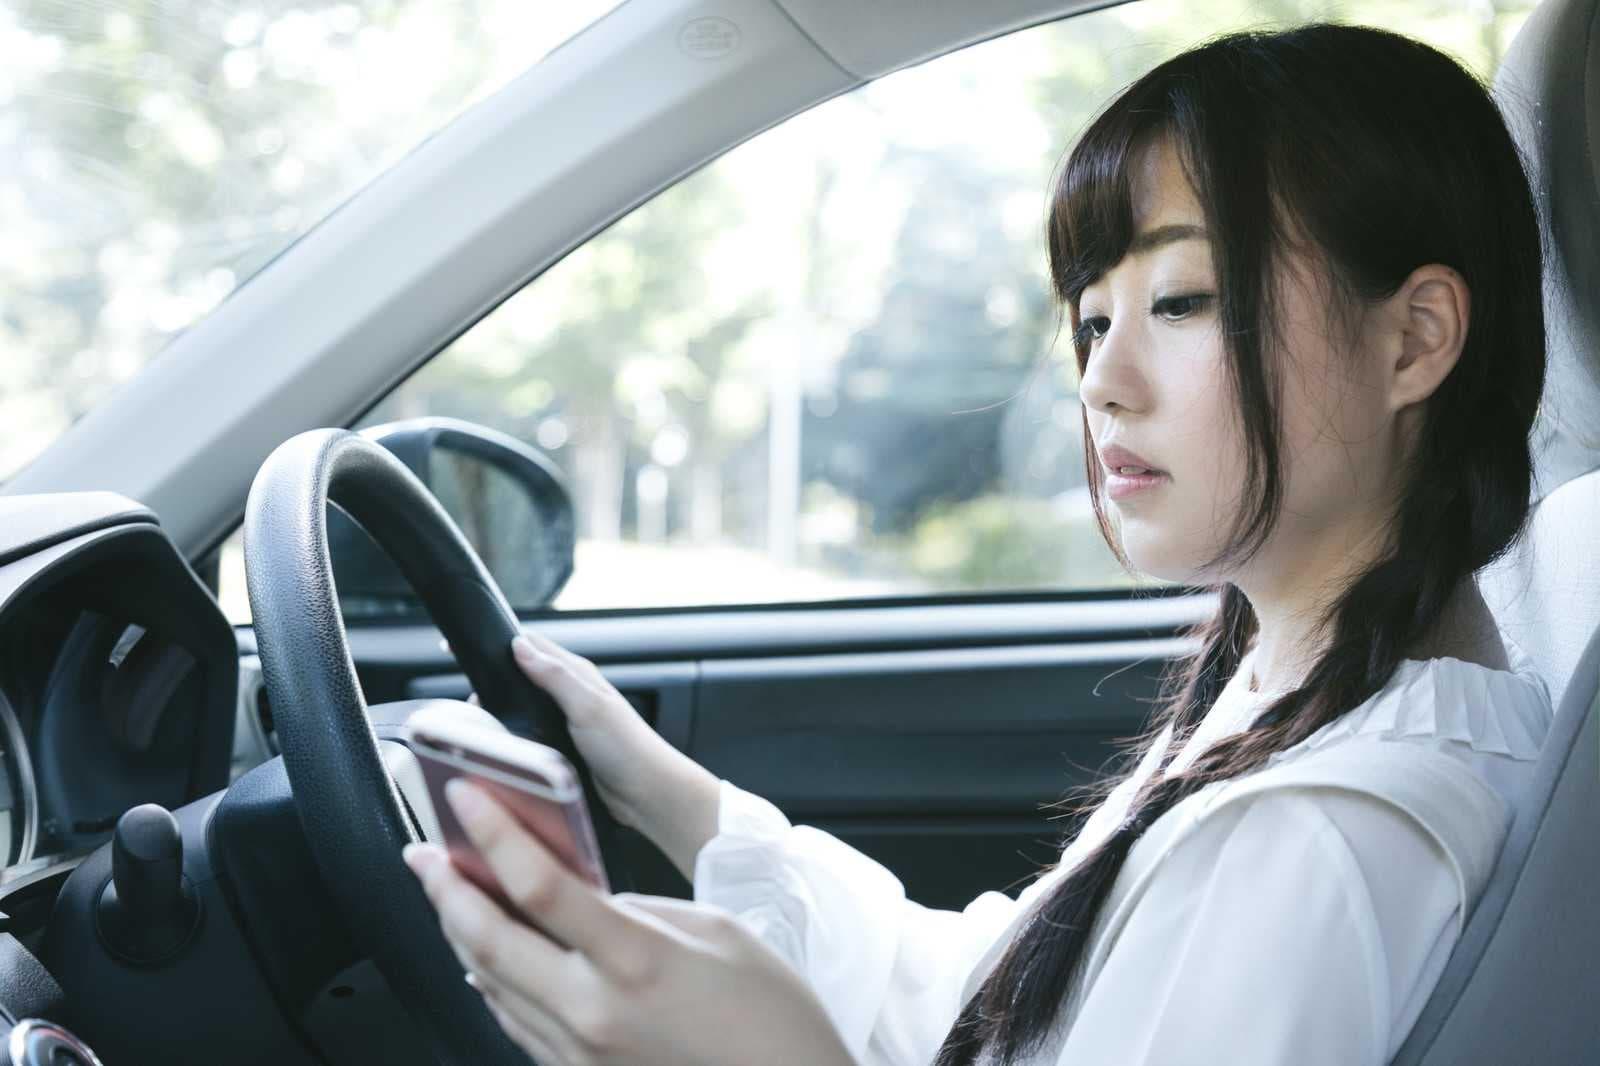 初心運転者講習とは?対象者・免除条件・料金をまとめて解説